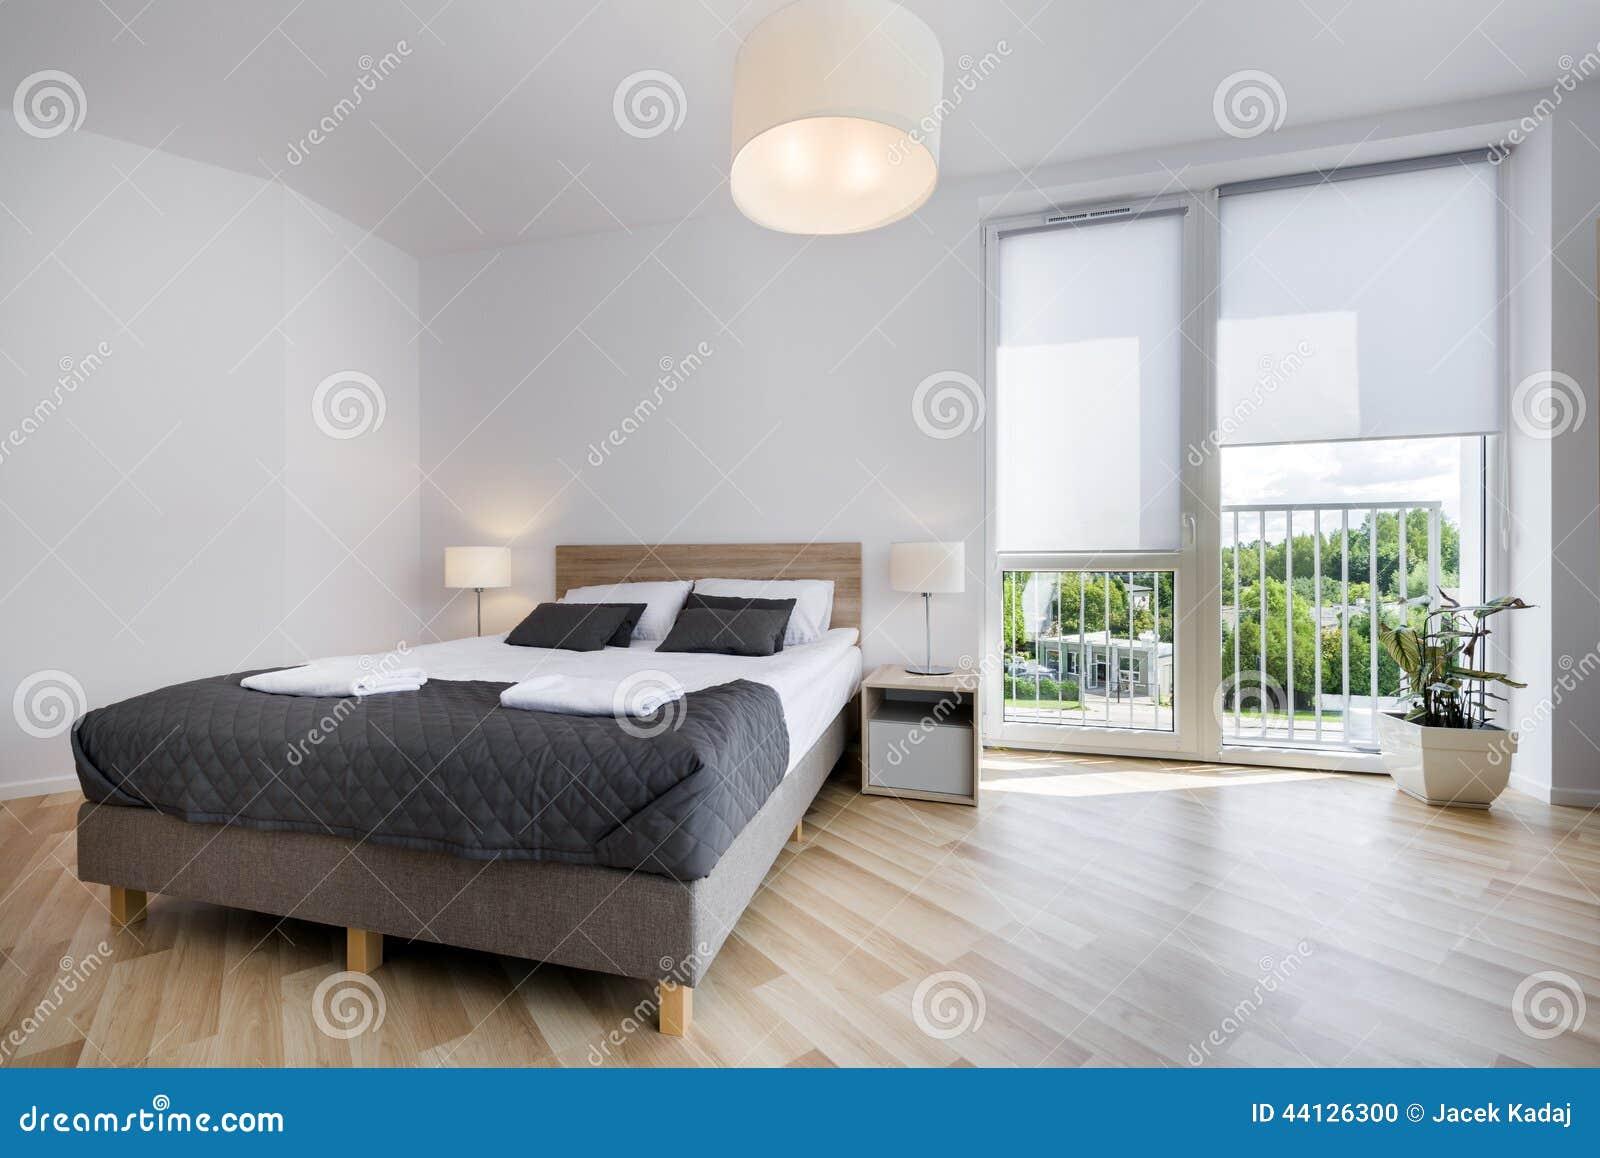 Conception intérieure de chambre à coucher moderne et confortable ...